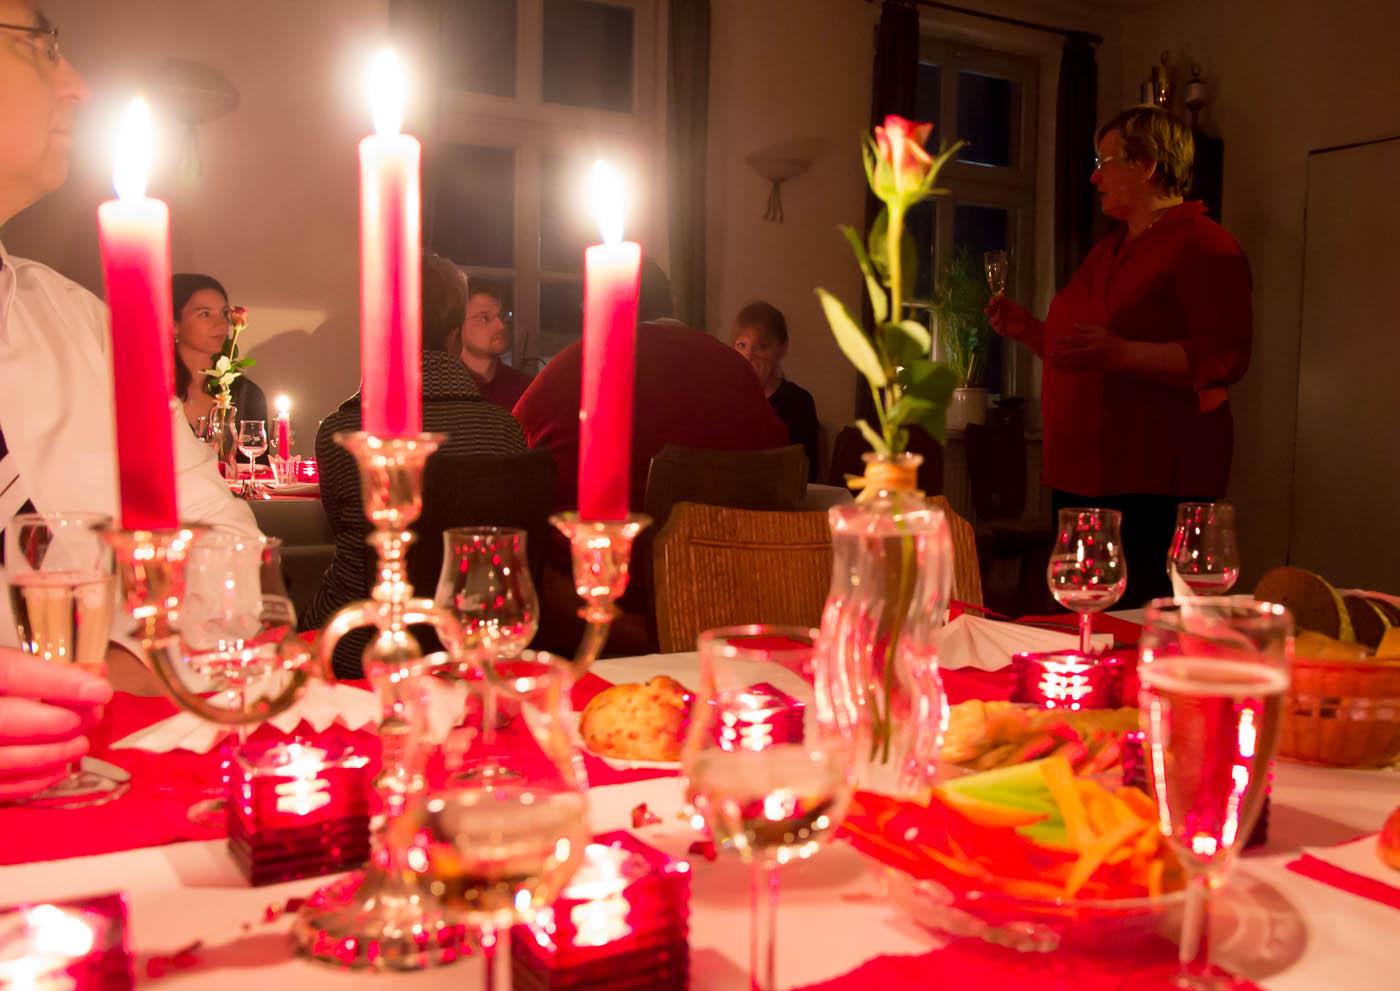 Weinprobe Bensheim Valentinstag (4)